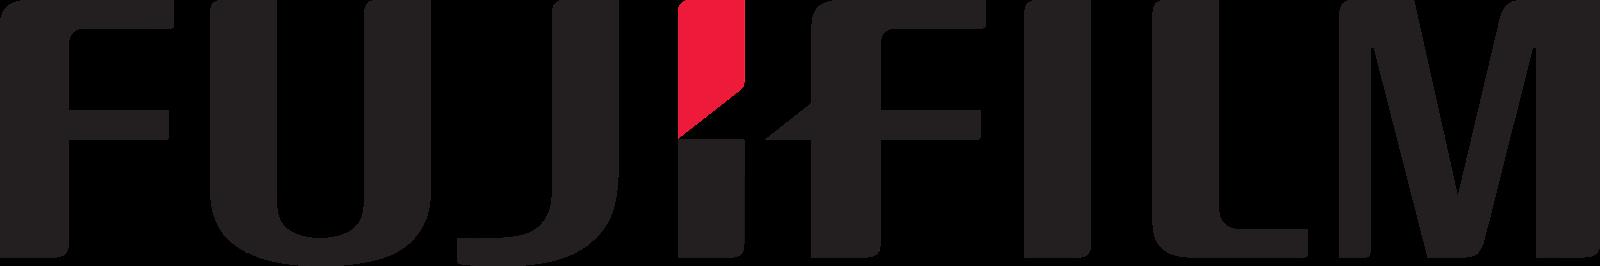 fujifilm logo 2 - Fujifilm Logo